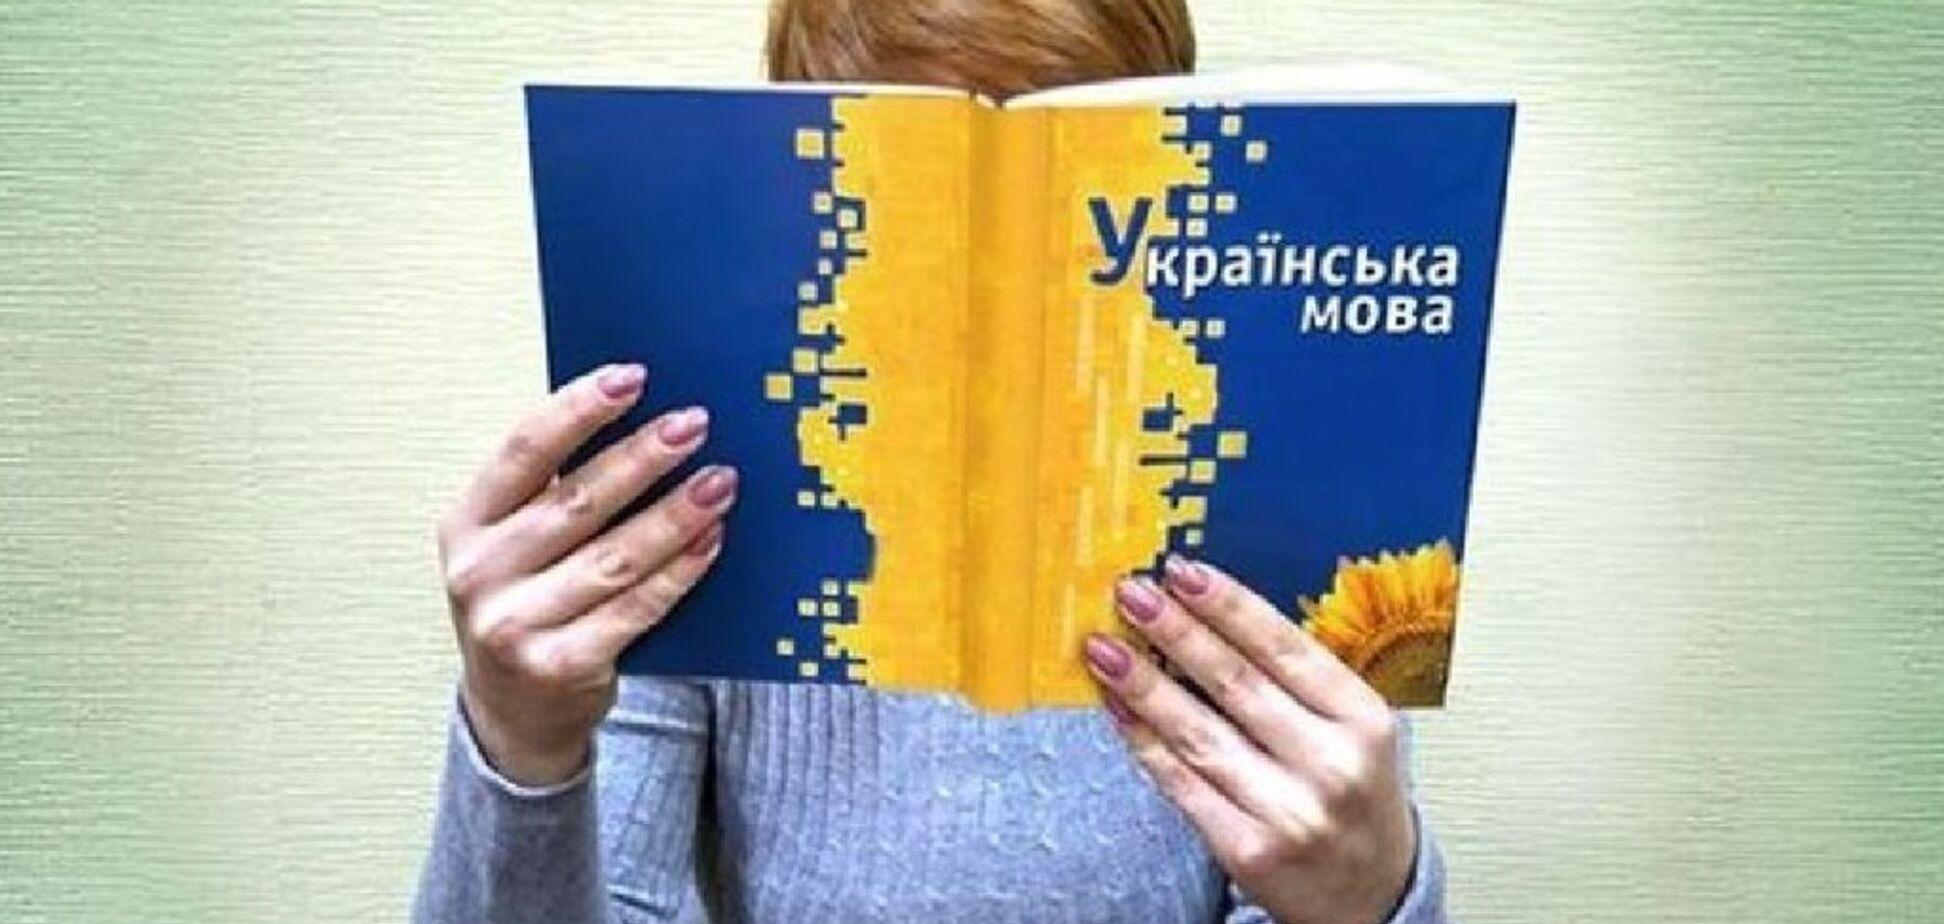 Український - в пріоритеті: експерт пояснив, чого чекати від нового закону про мови